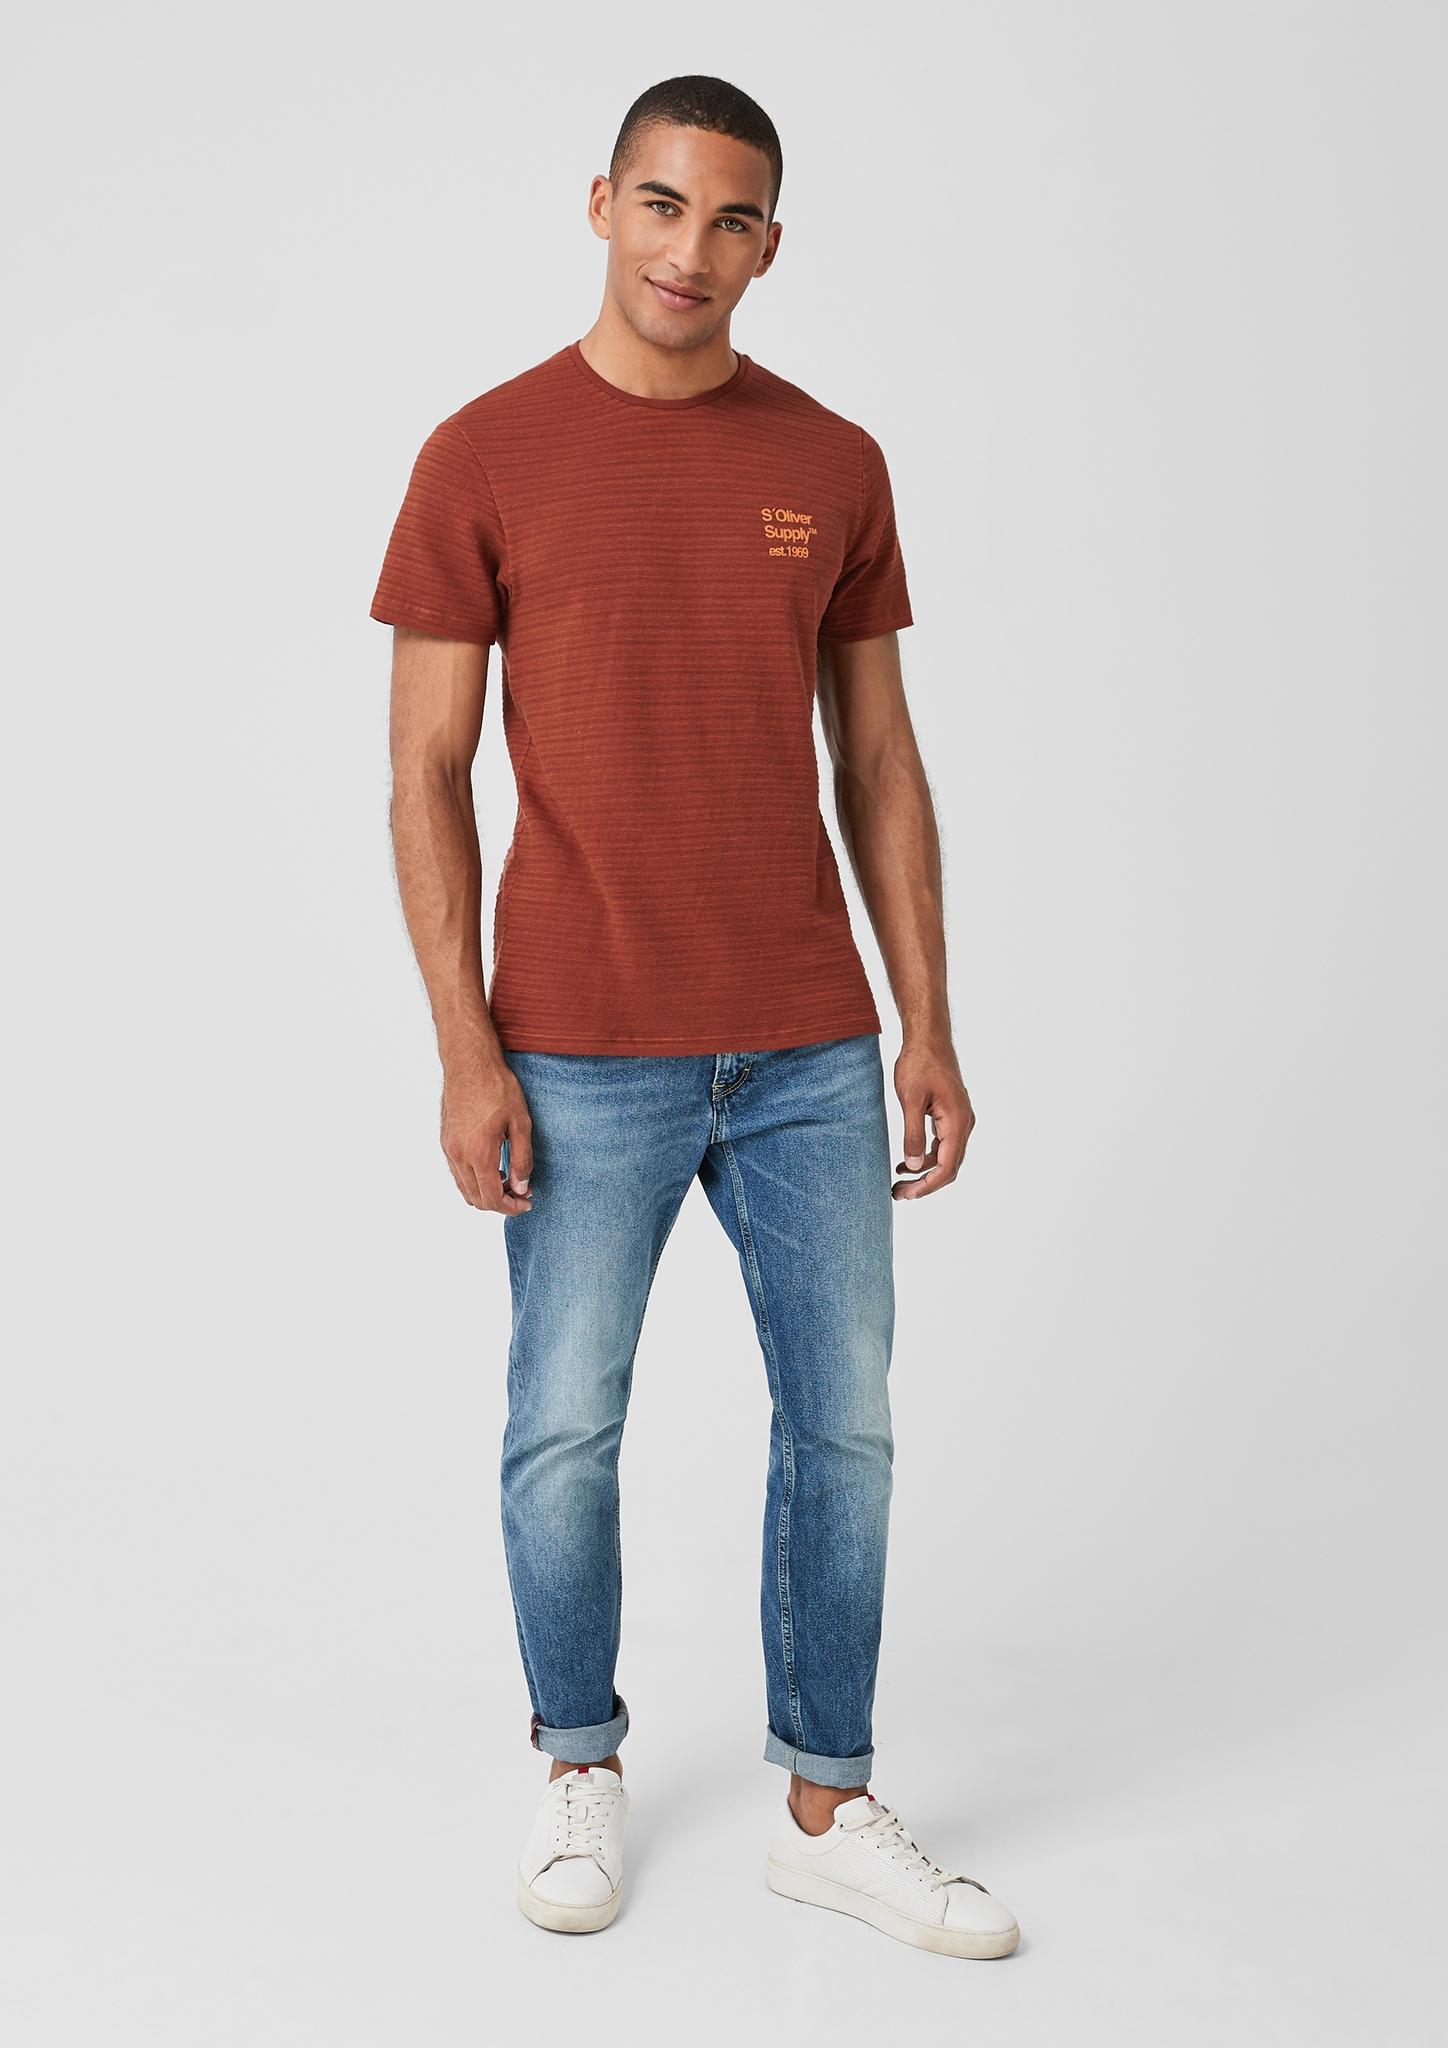 s-Oliver-Casual-Men-T-Shirt-mit-Strukturstreifen-Neu Indexbild 15